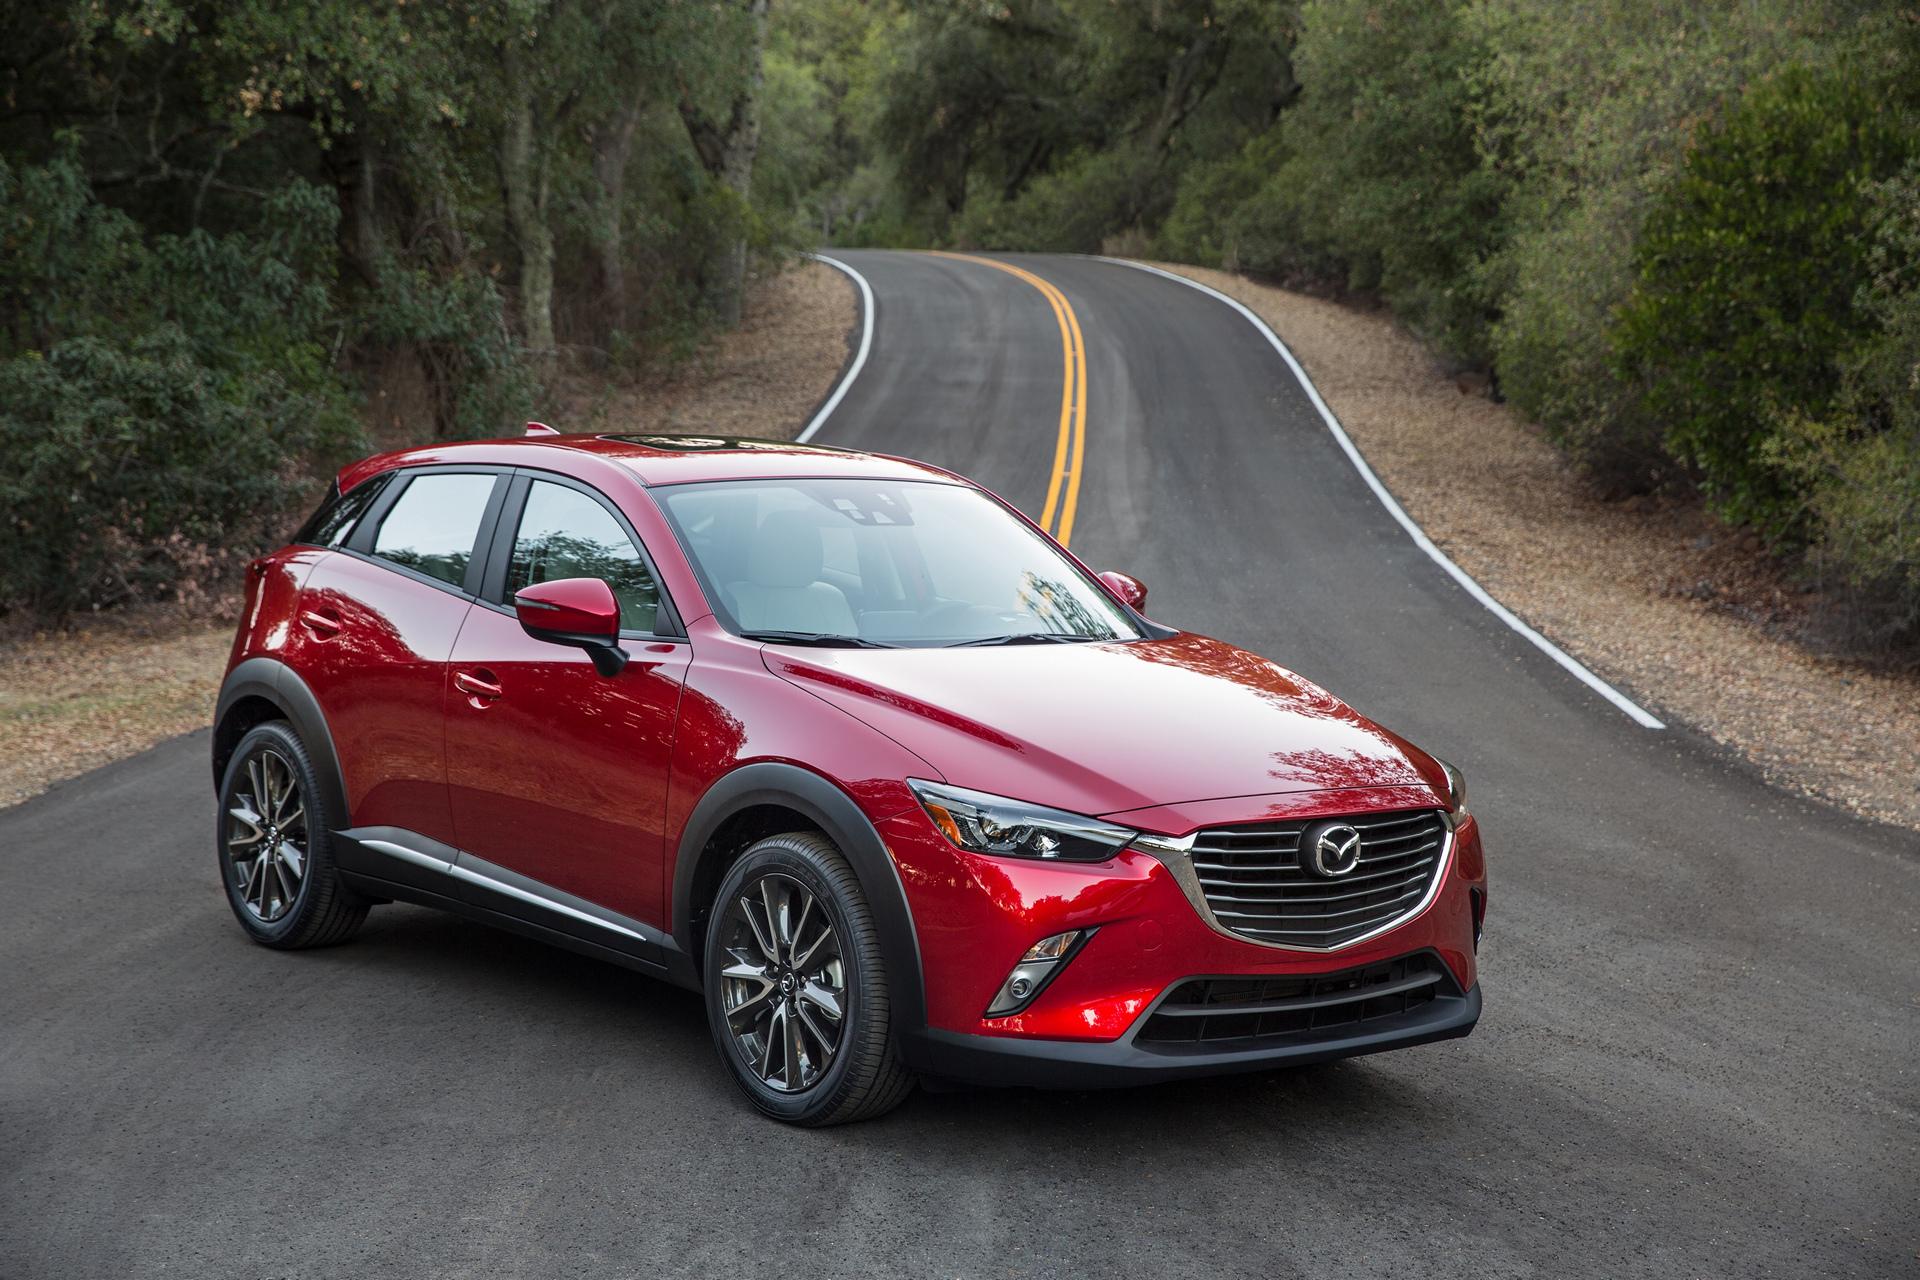 2016 Mazda CX-3 © Mazda Motor Corporation